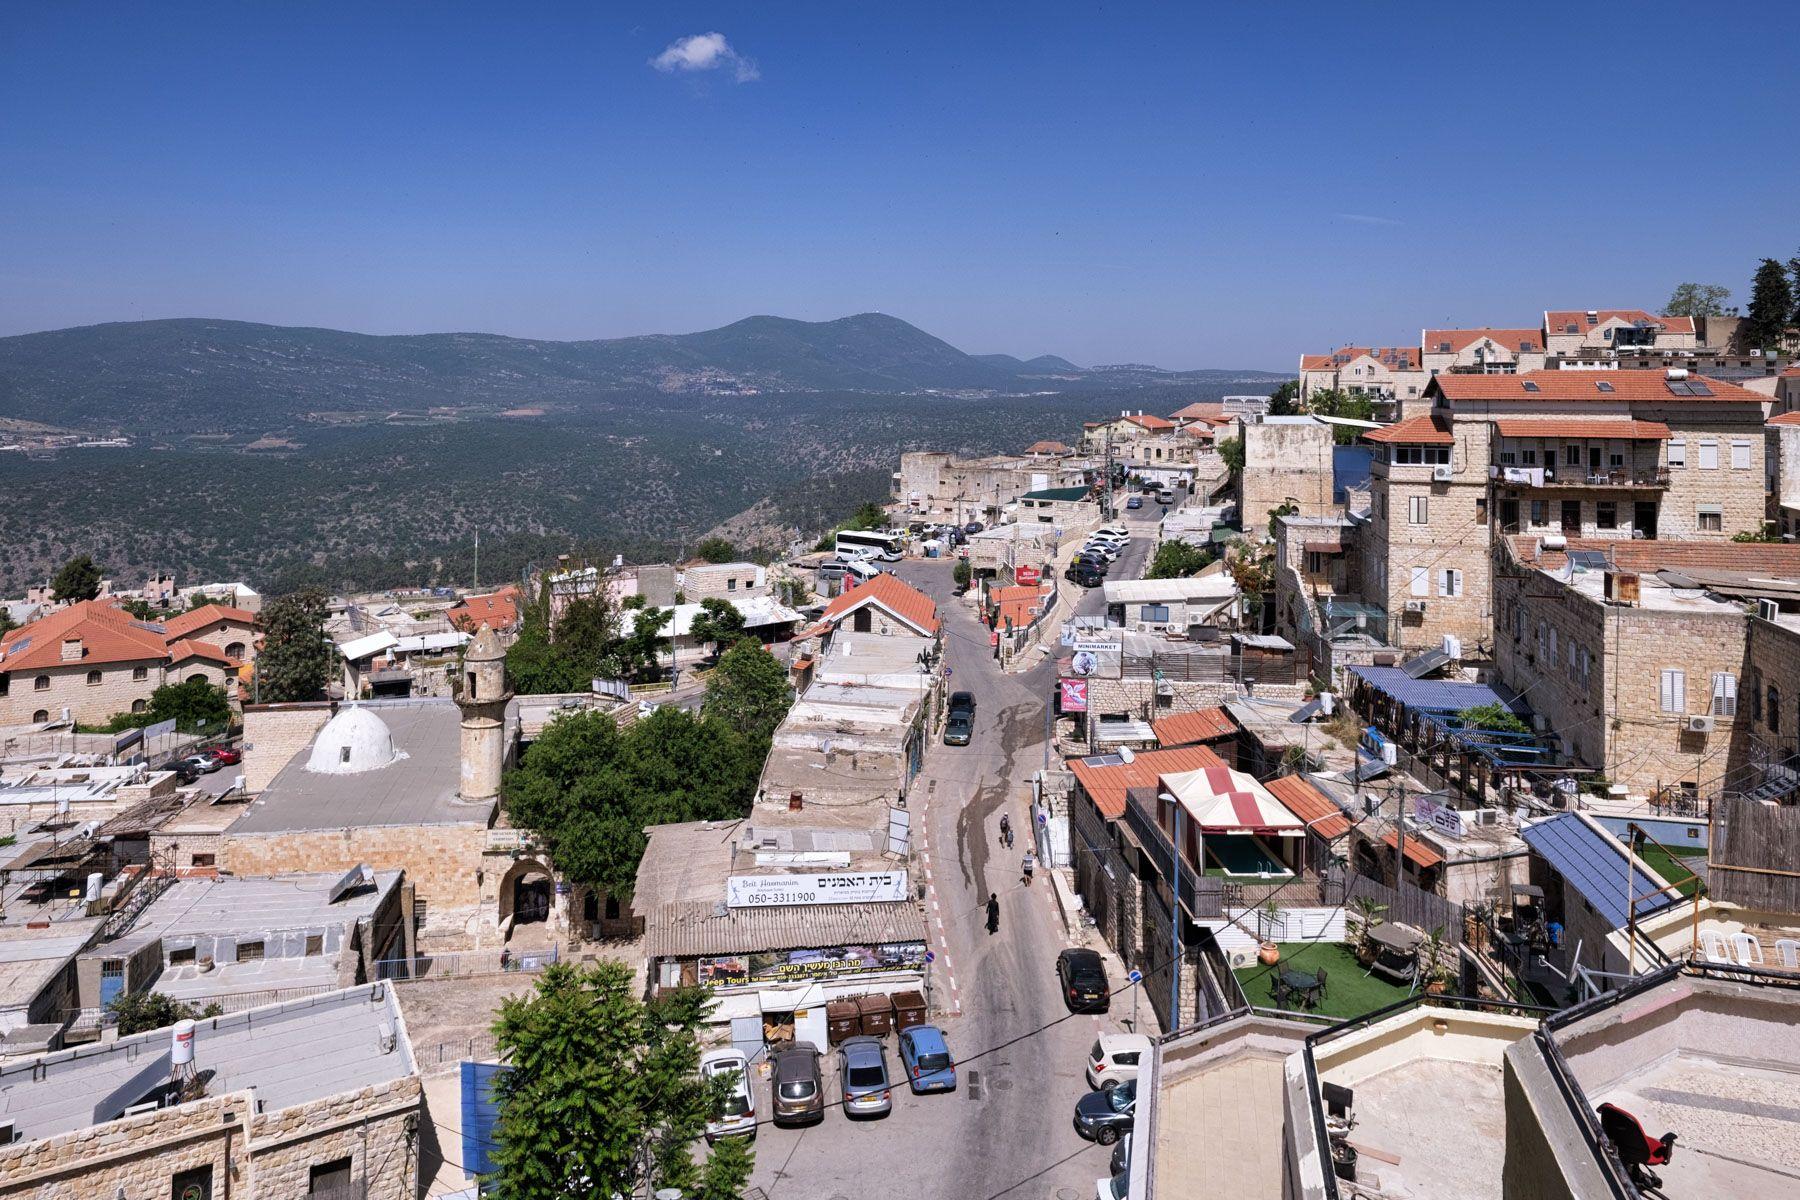 Tzfat, Israel 05/07/17